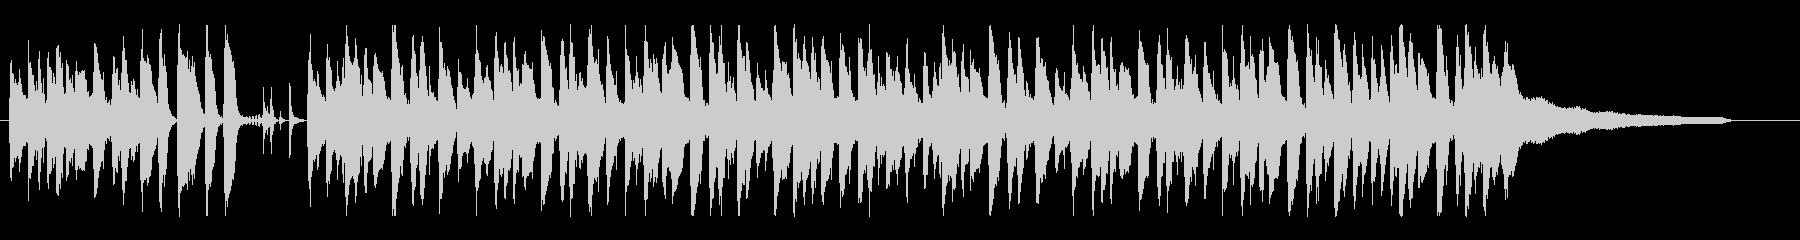 ゆったりおしゃれなの明るいボサノバの未再生の波形